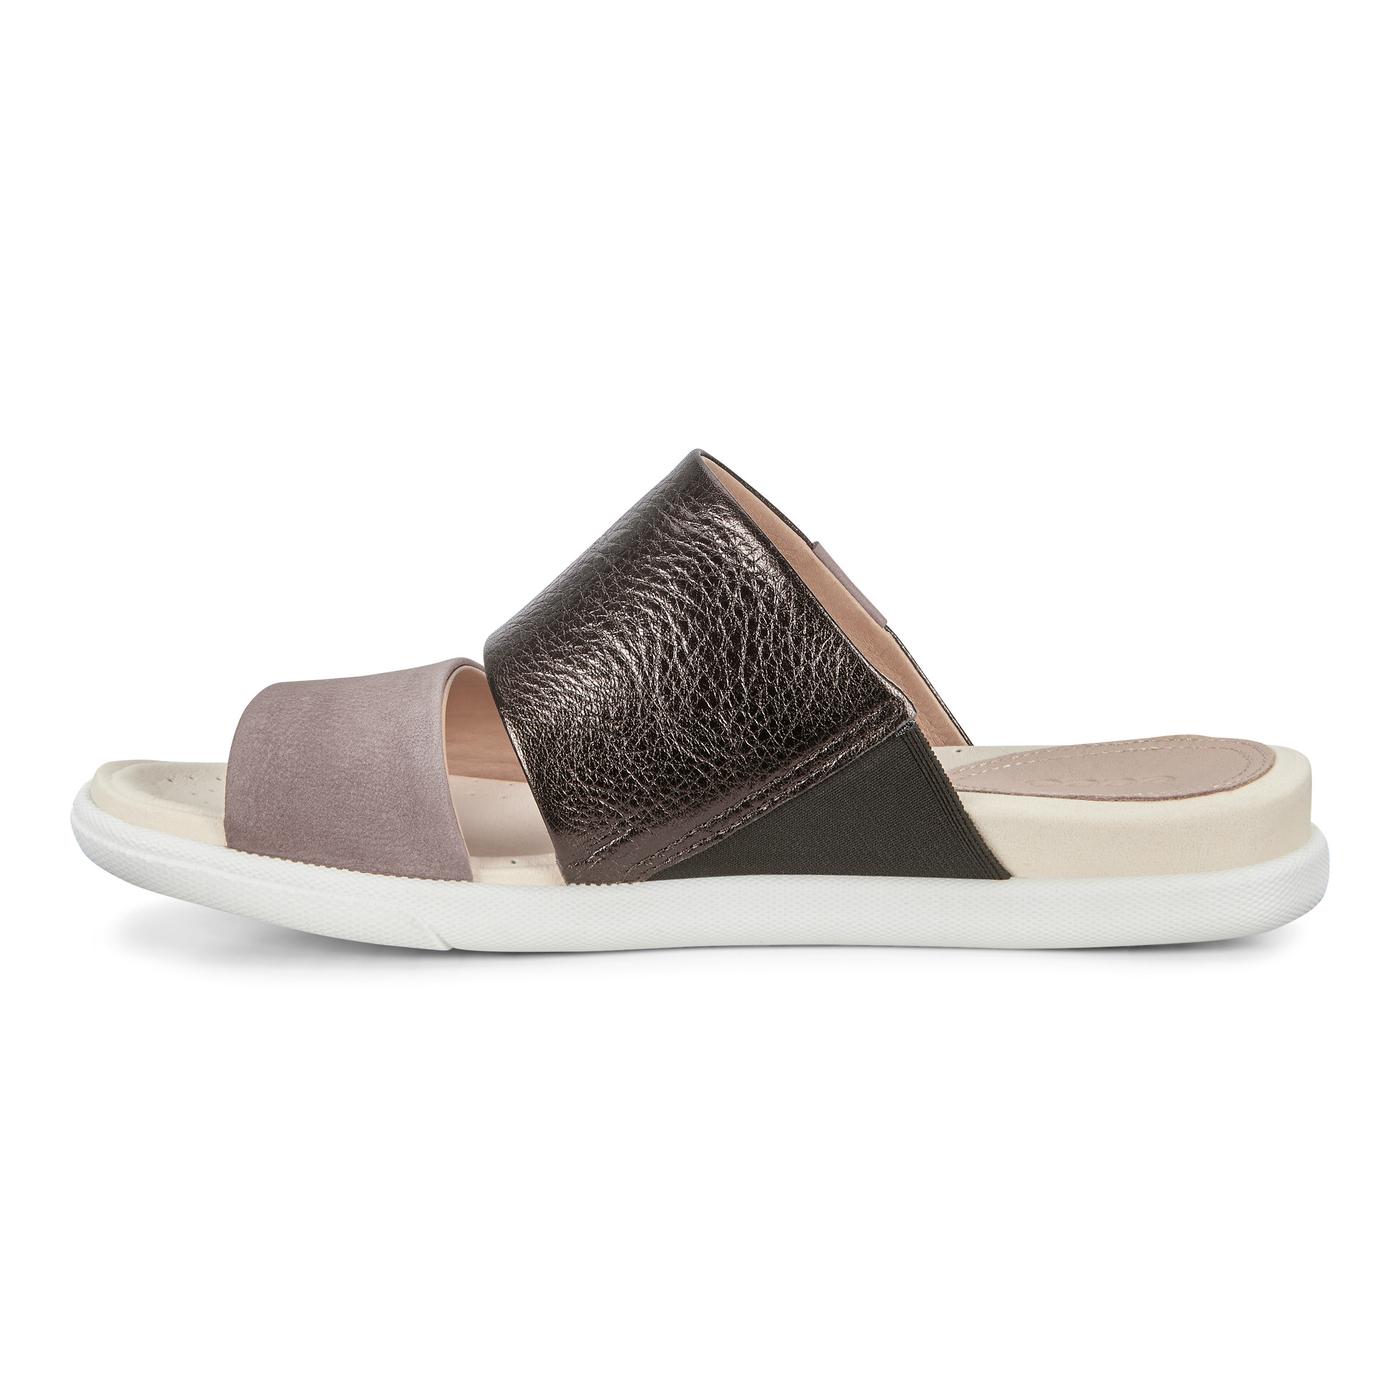 ECCO Damara Slide Sandal II